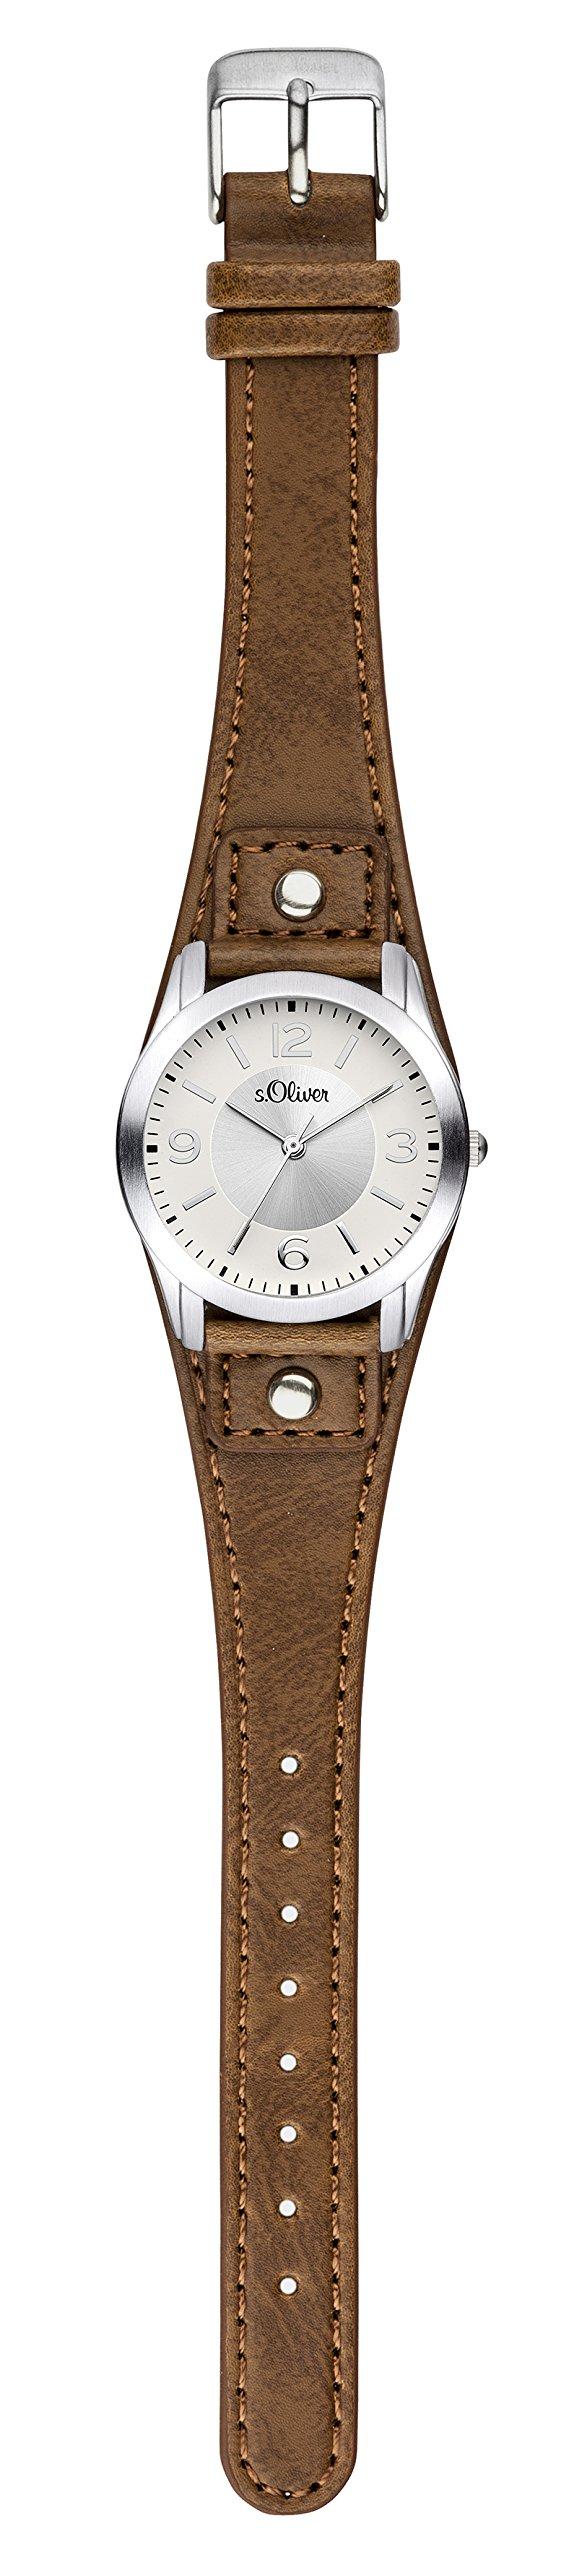 SOliver-Damen-Analog-Quarz-Armbanduhr-SO-2946-LQ